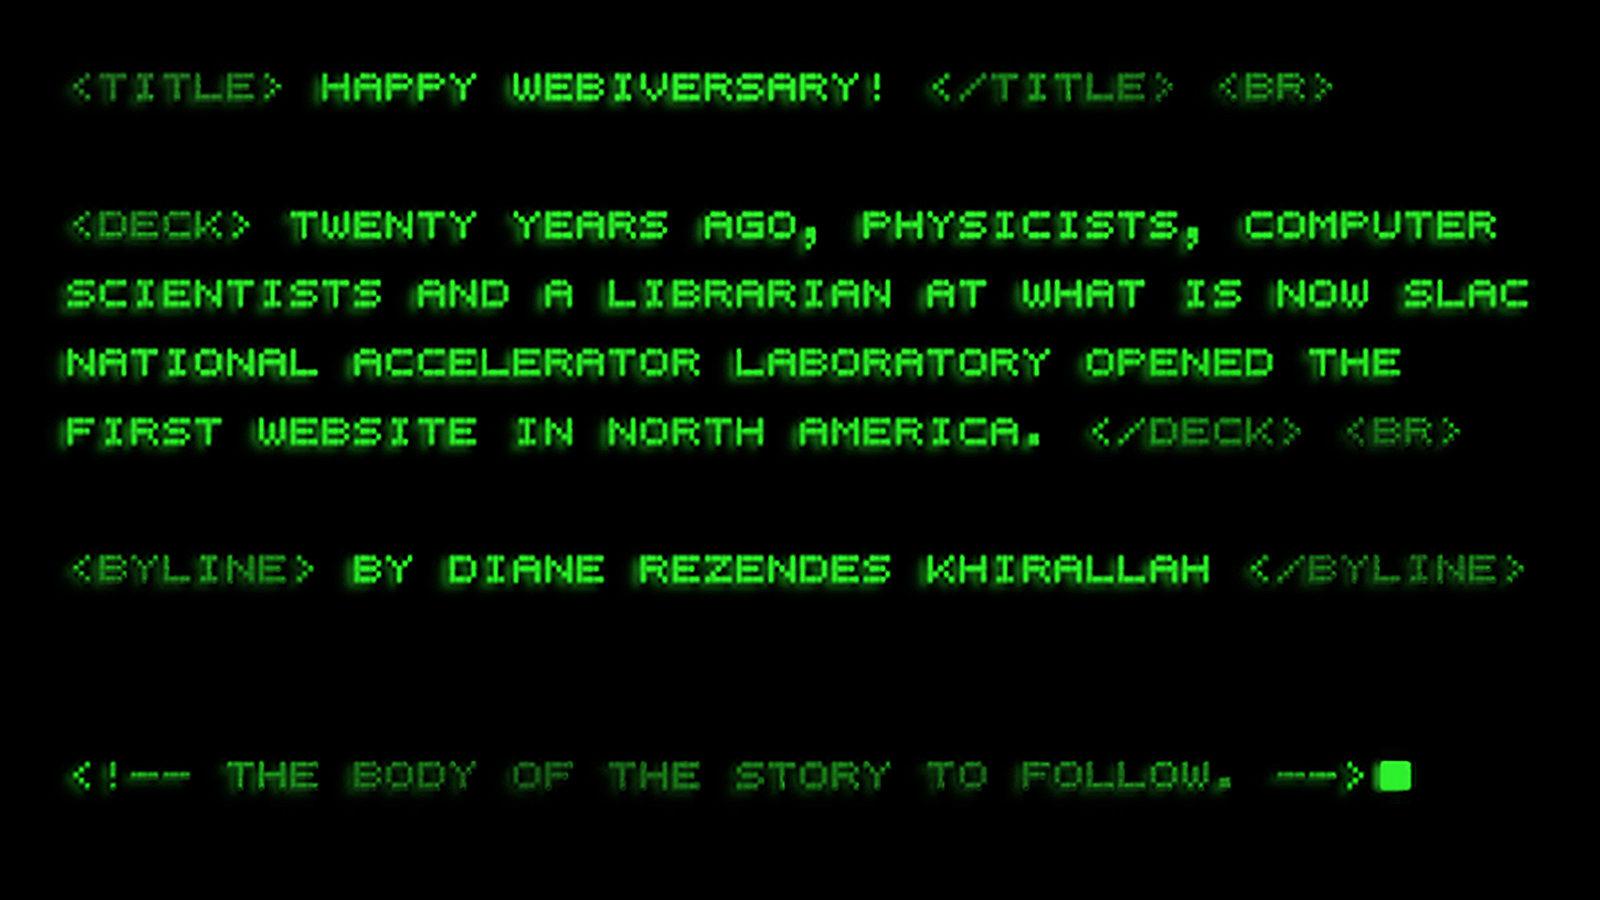 Happy webiversary